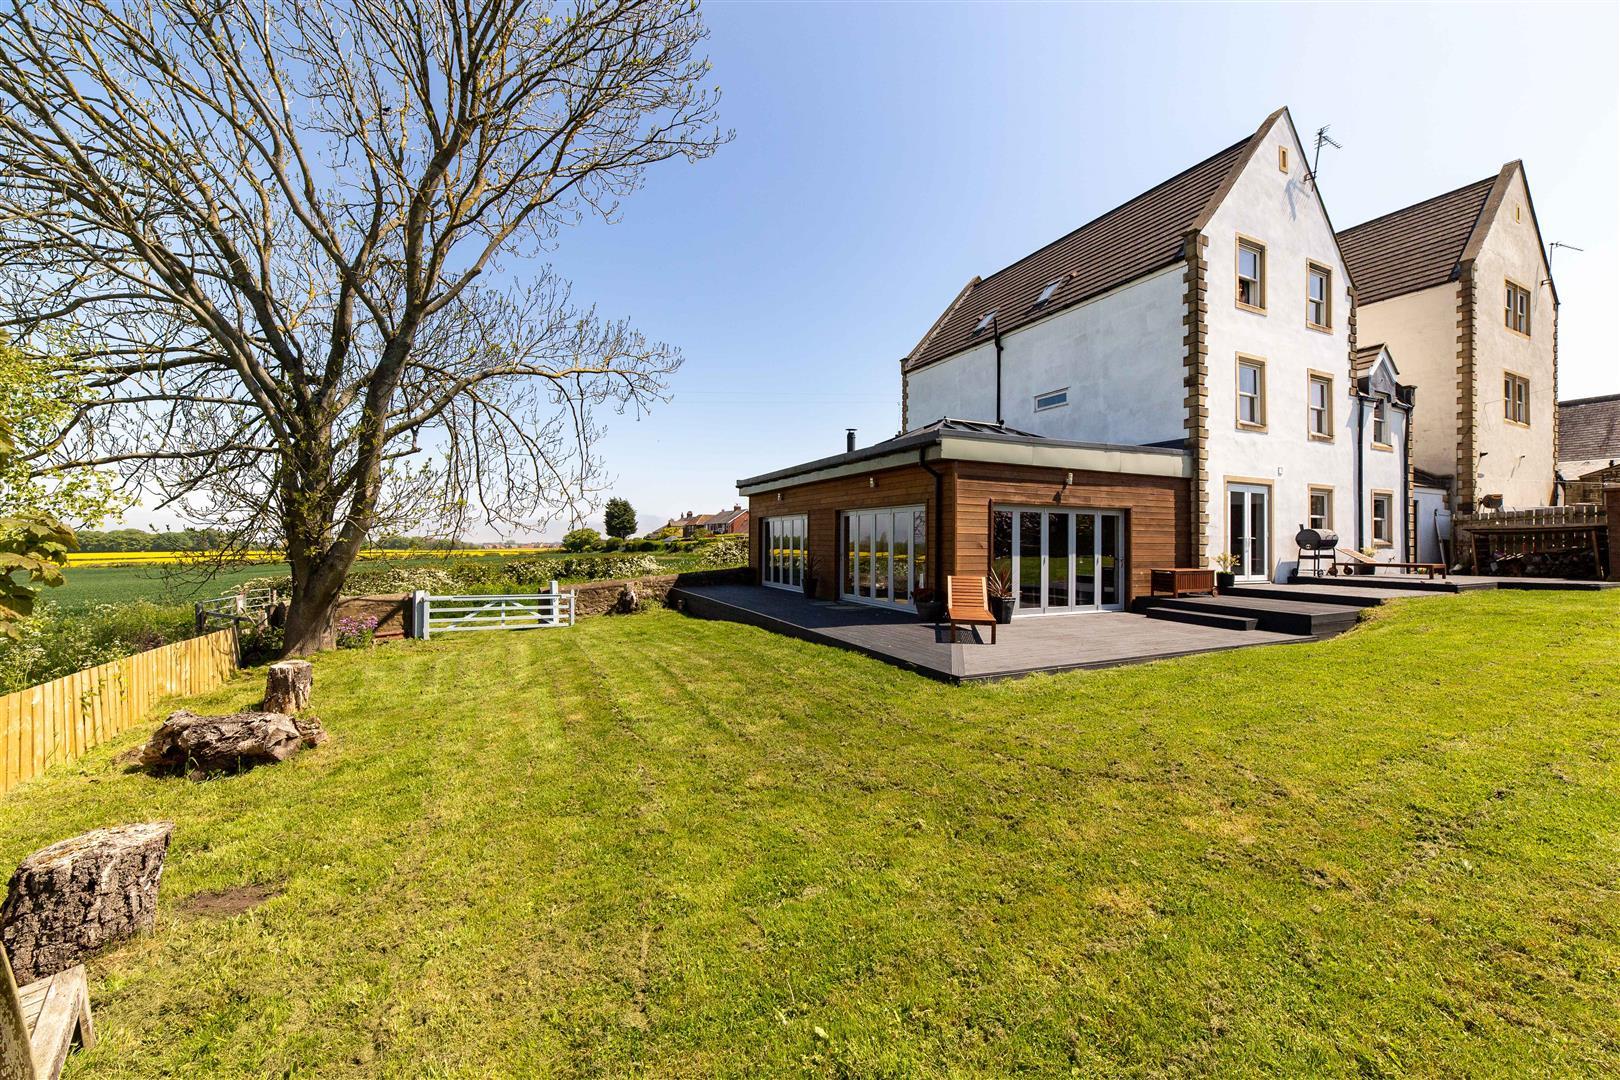 6 bed detached house for sale, Bedlington  - Property Image 1